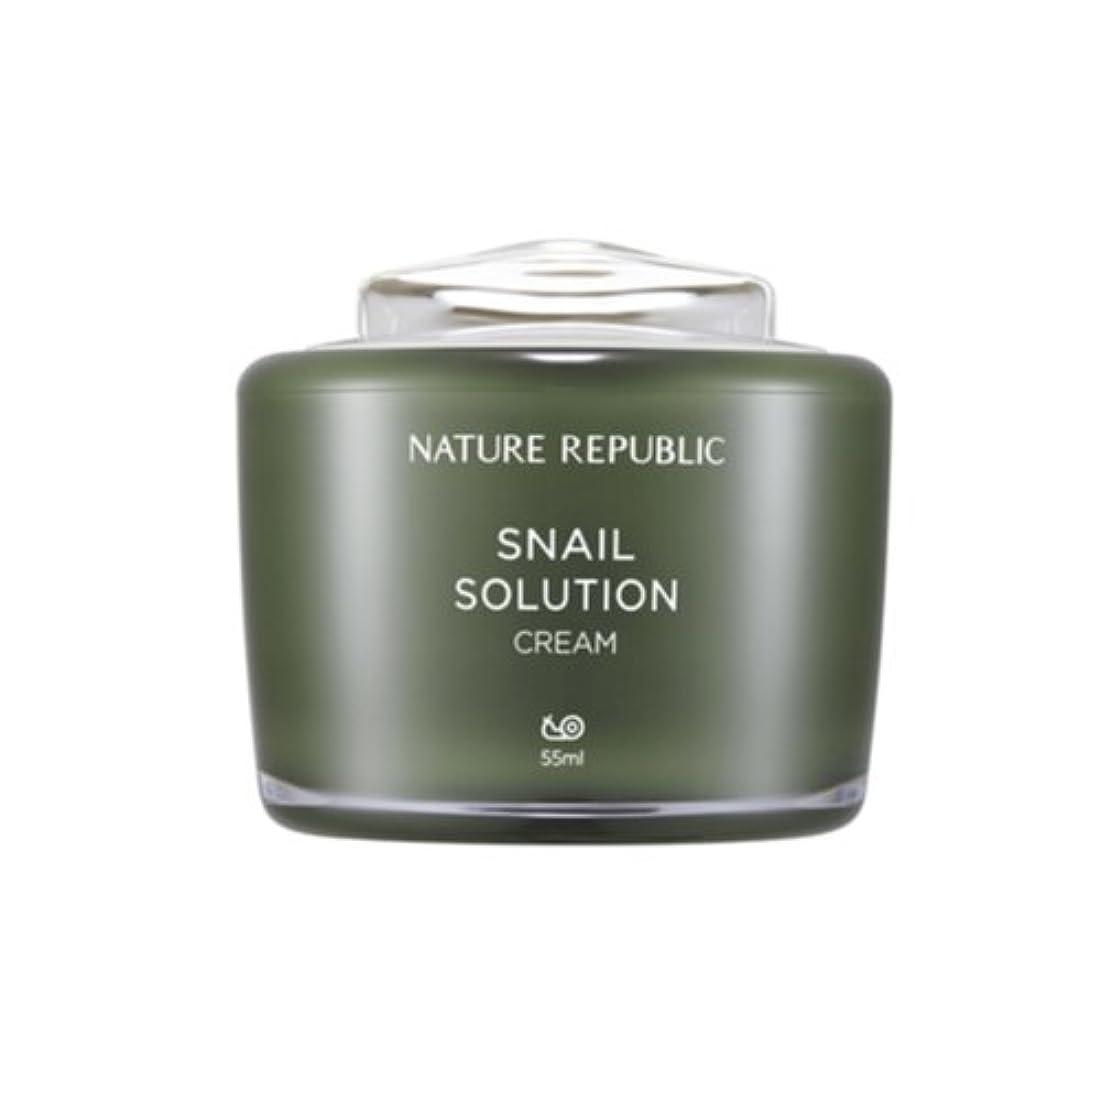 リークトロリーバス心から[ネイチャーリパブリック] Nature republicスネイルソリューションクリーム海外直送品(Snail Solution Cream) [並行輸入品]